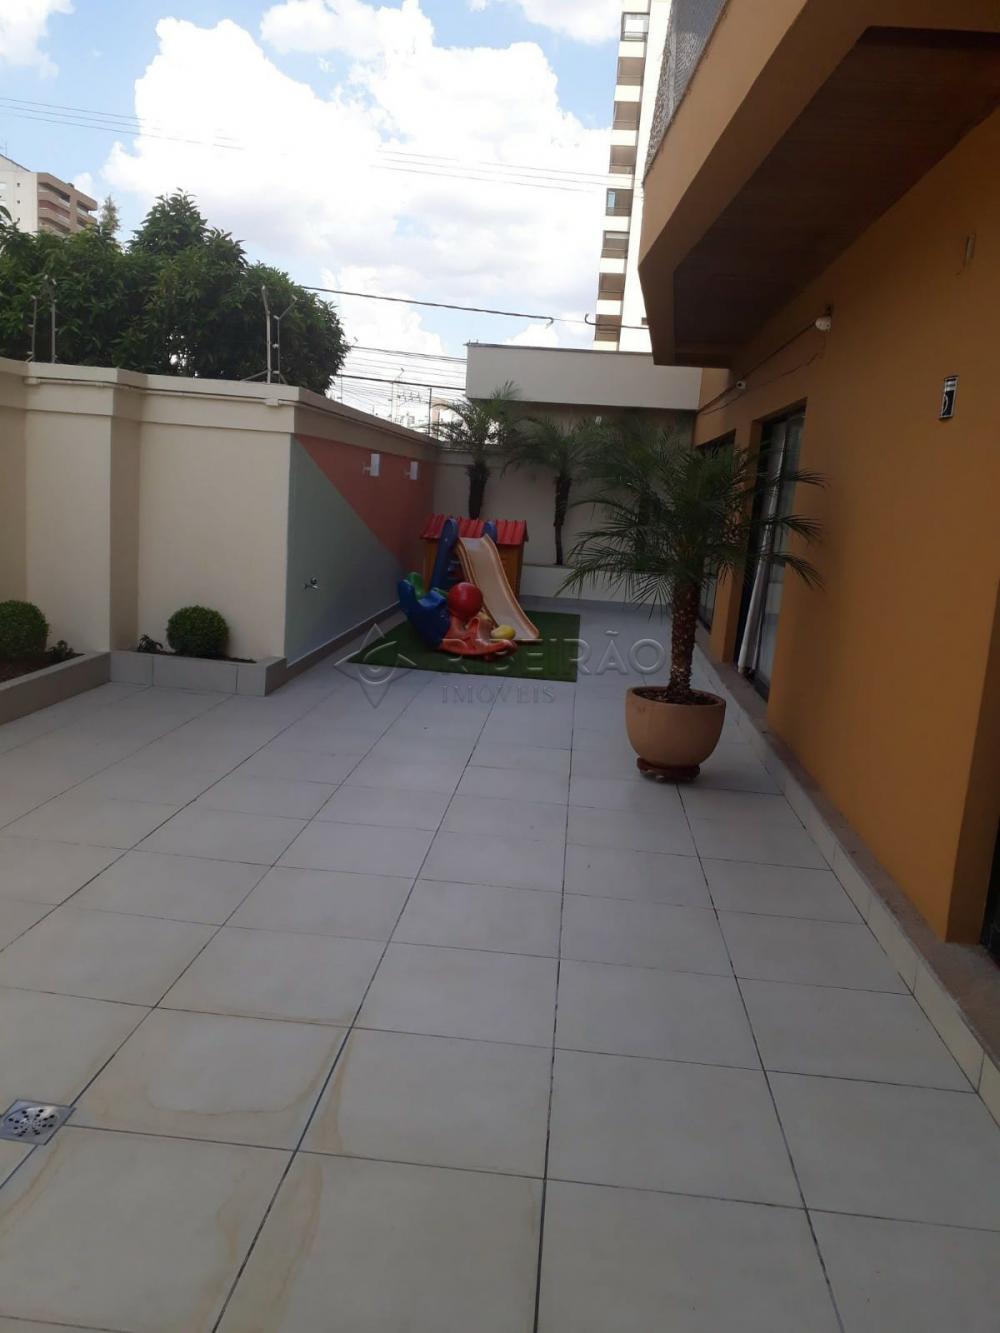 Comprar Apartamento / Padrão em Ribeirão Preto apenas R$ 600.000,00 - Foto 3